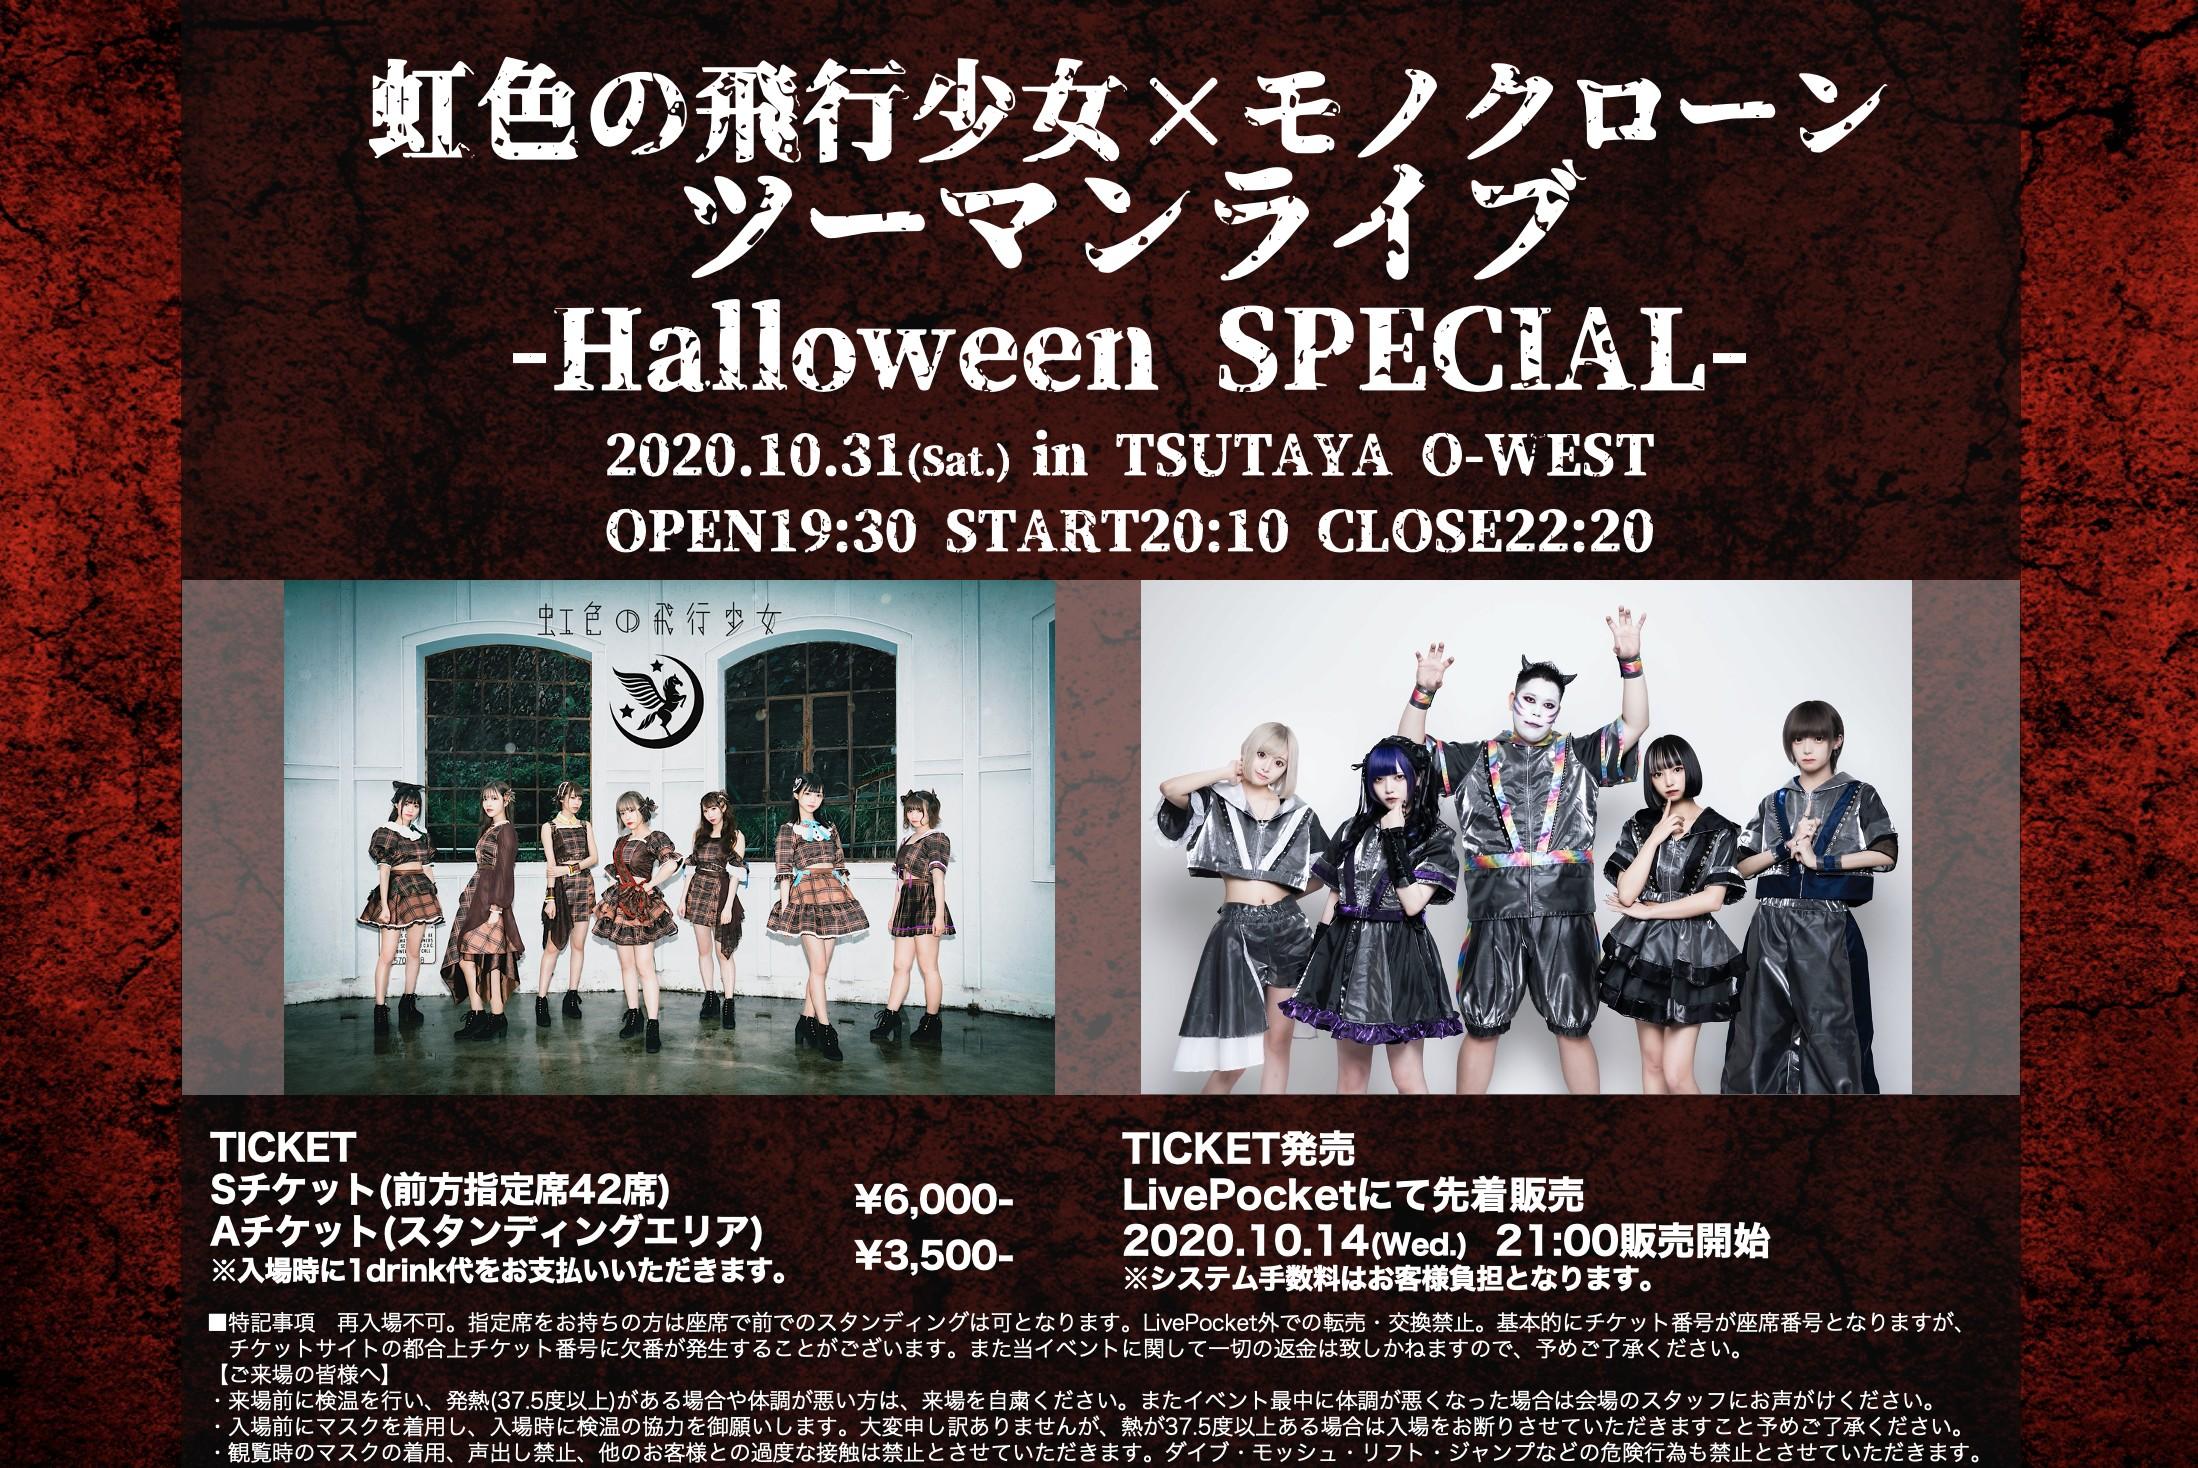 虹色の飛行少女×モノクローン ツーマンライブ-Halloween SPECIAL-